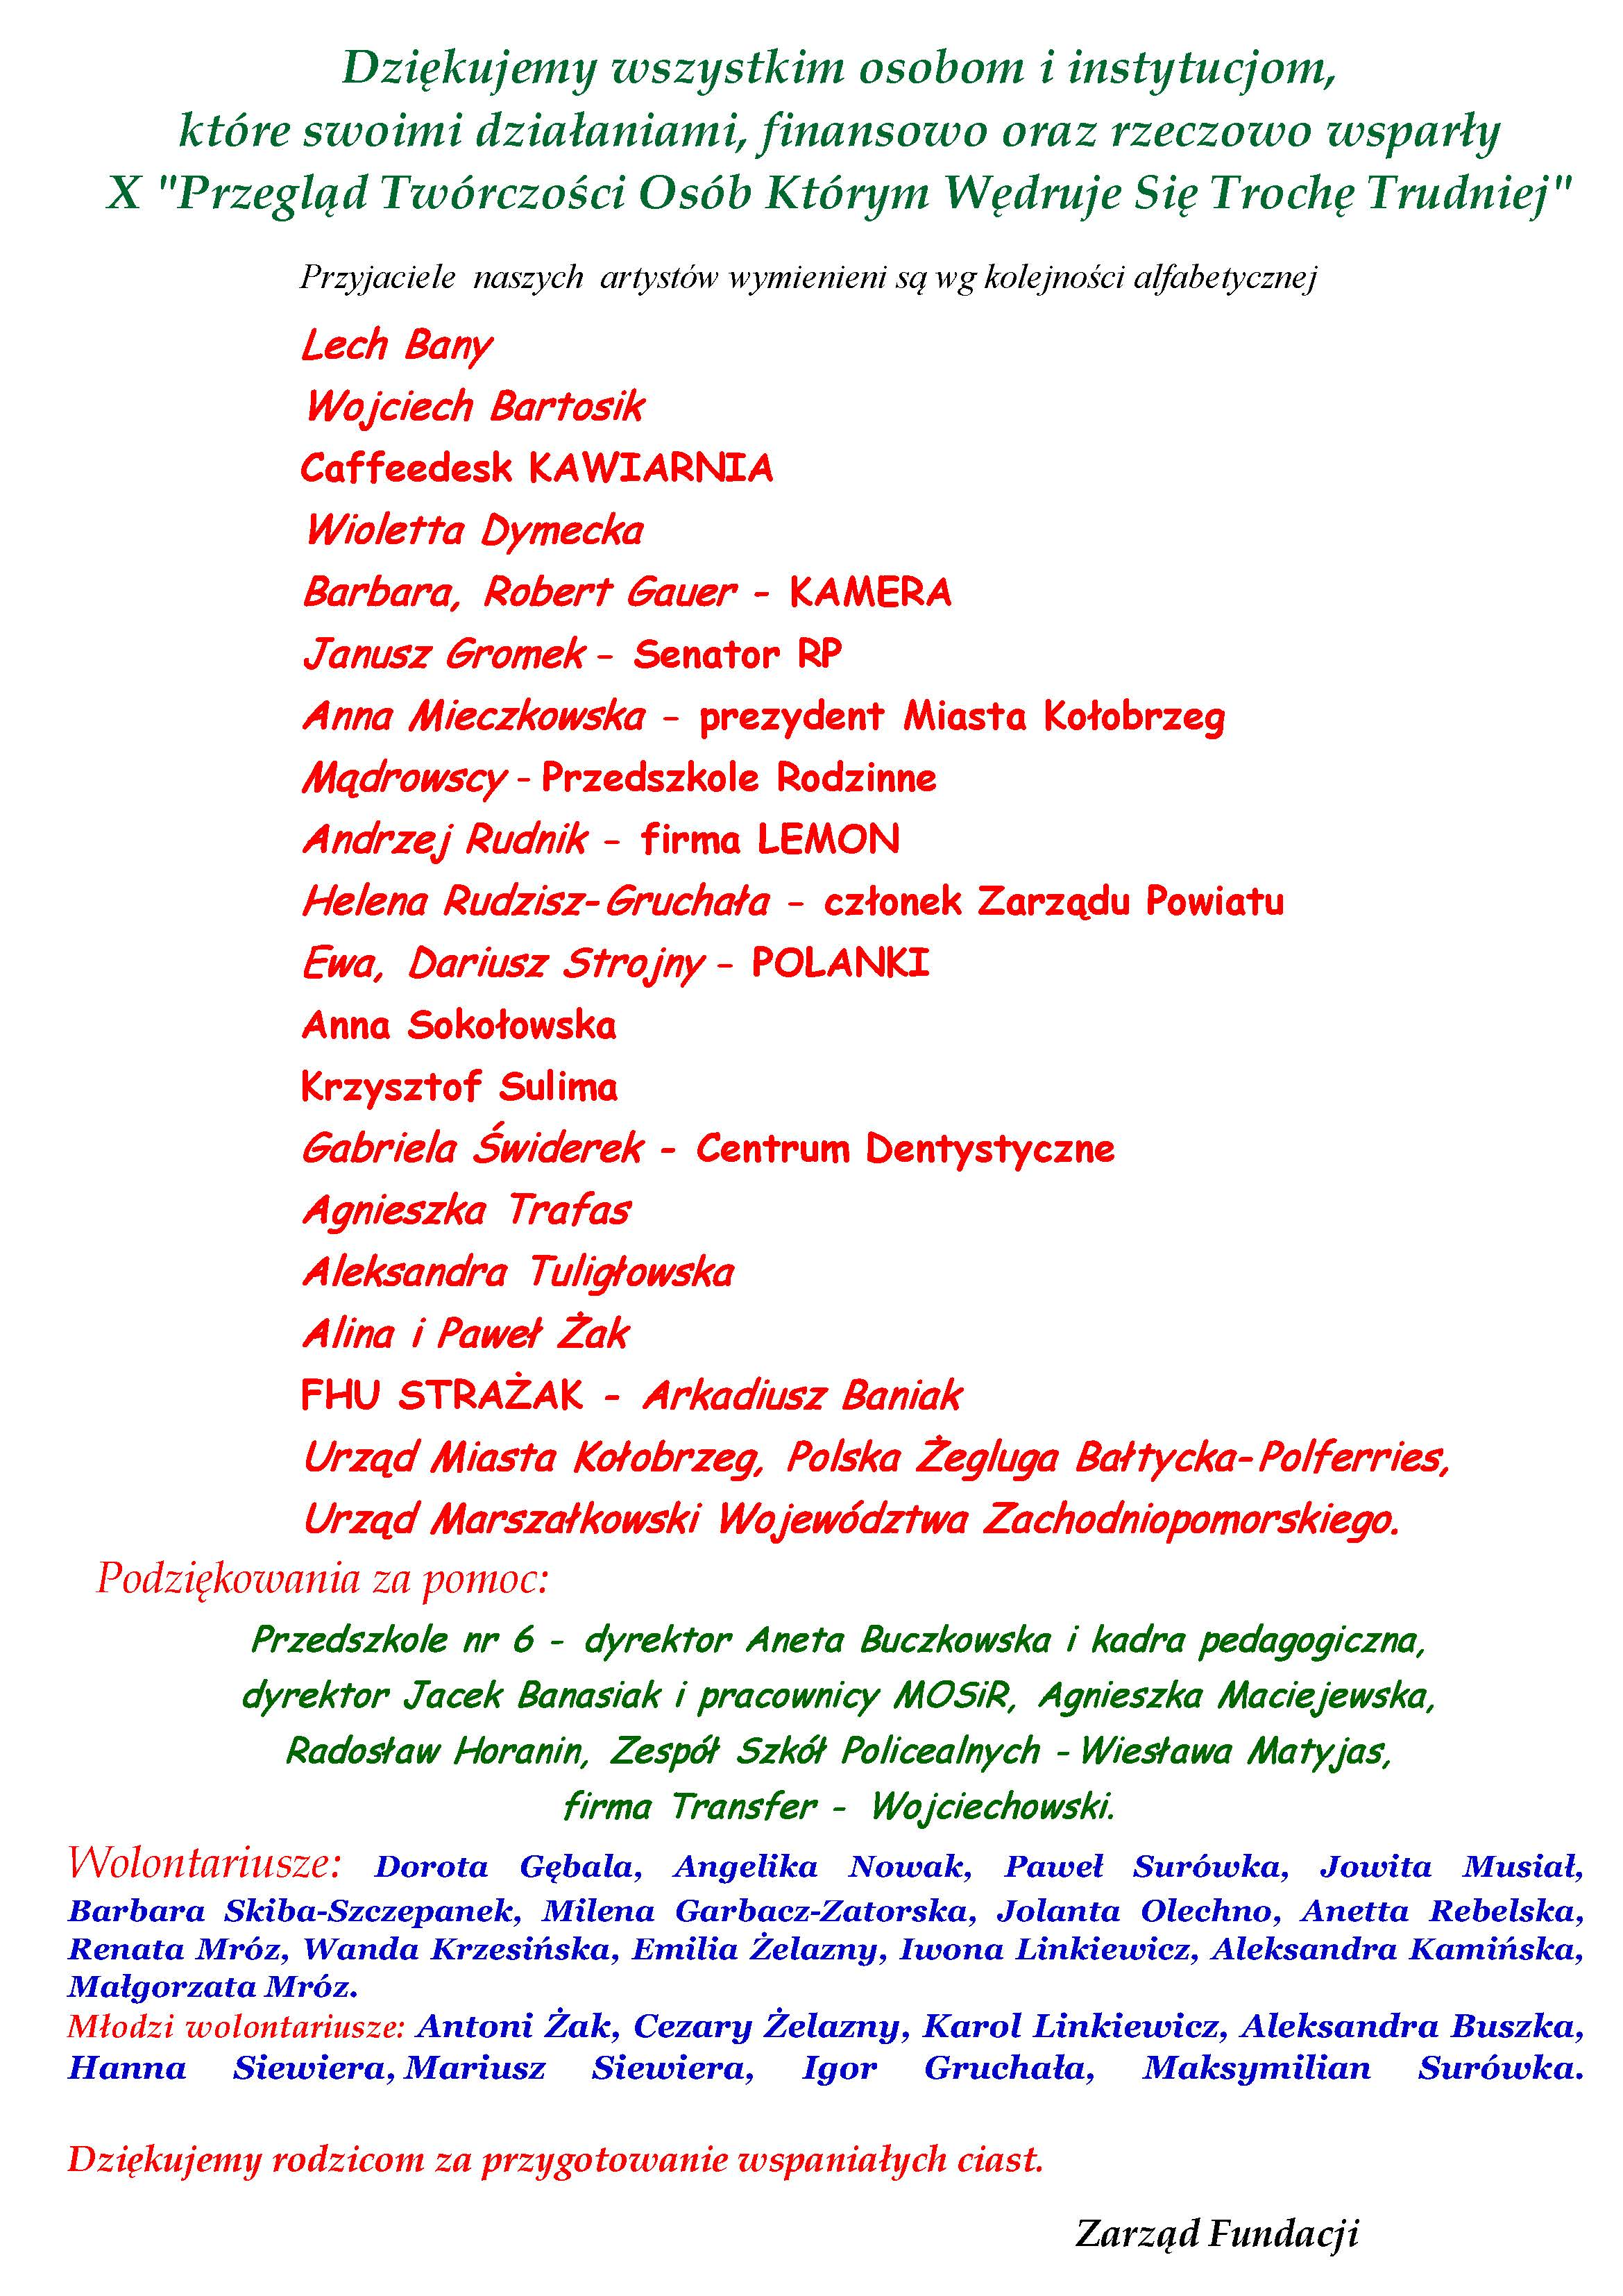 lista-sponsorow-x-przeglad